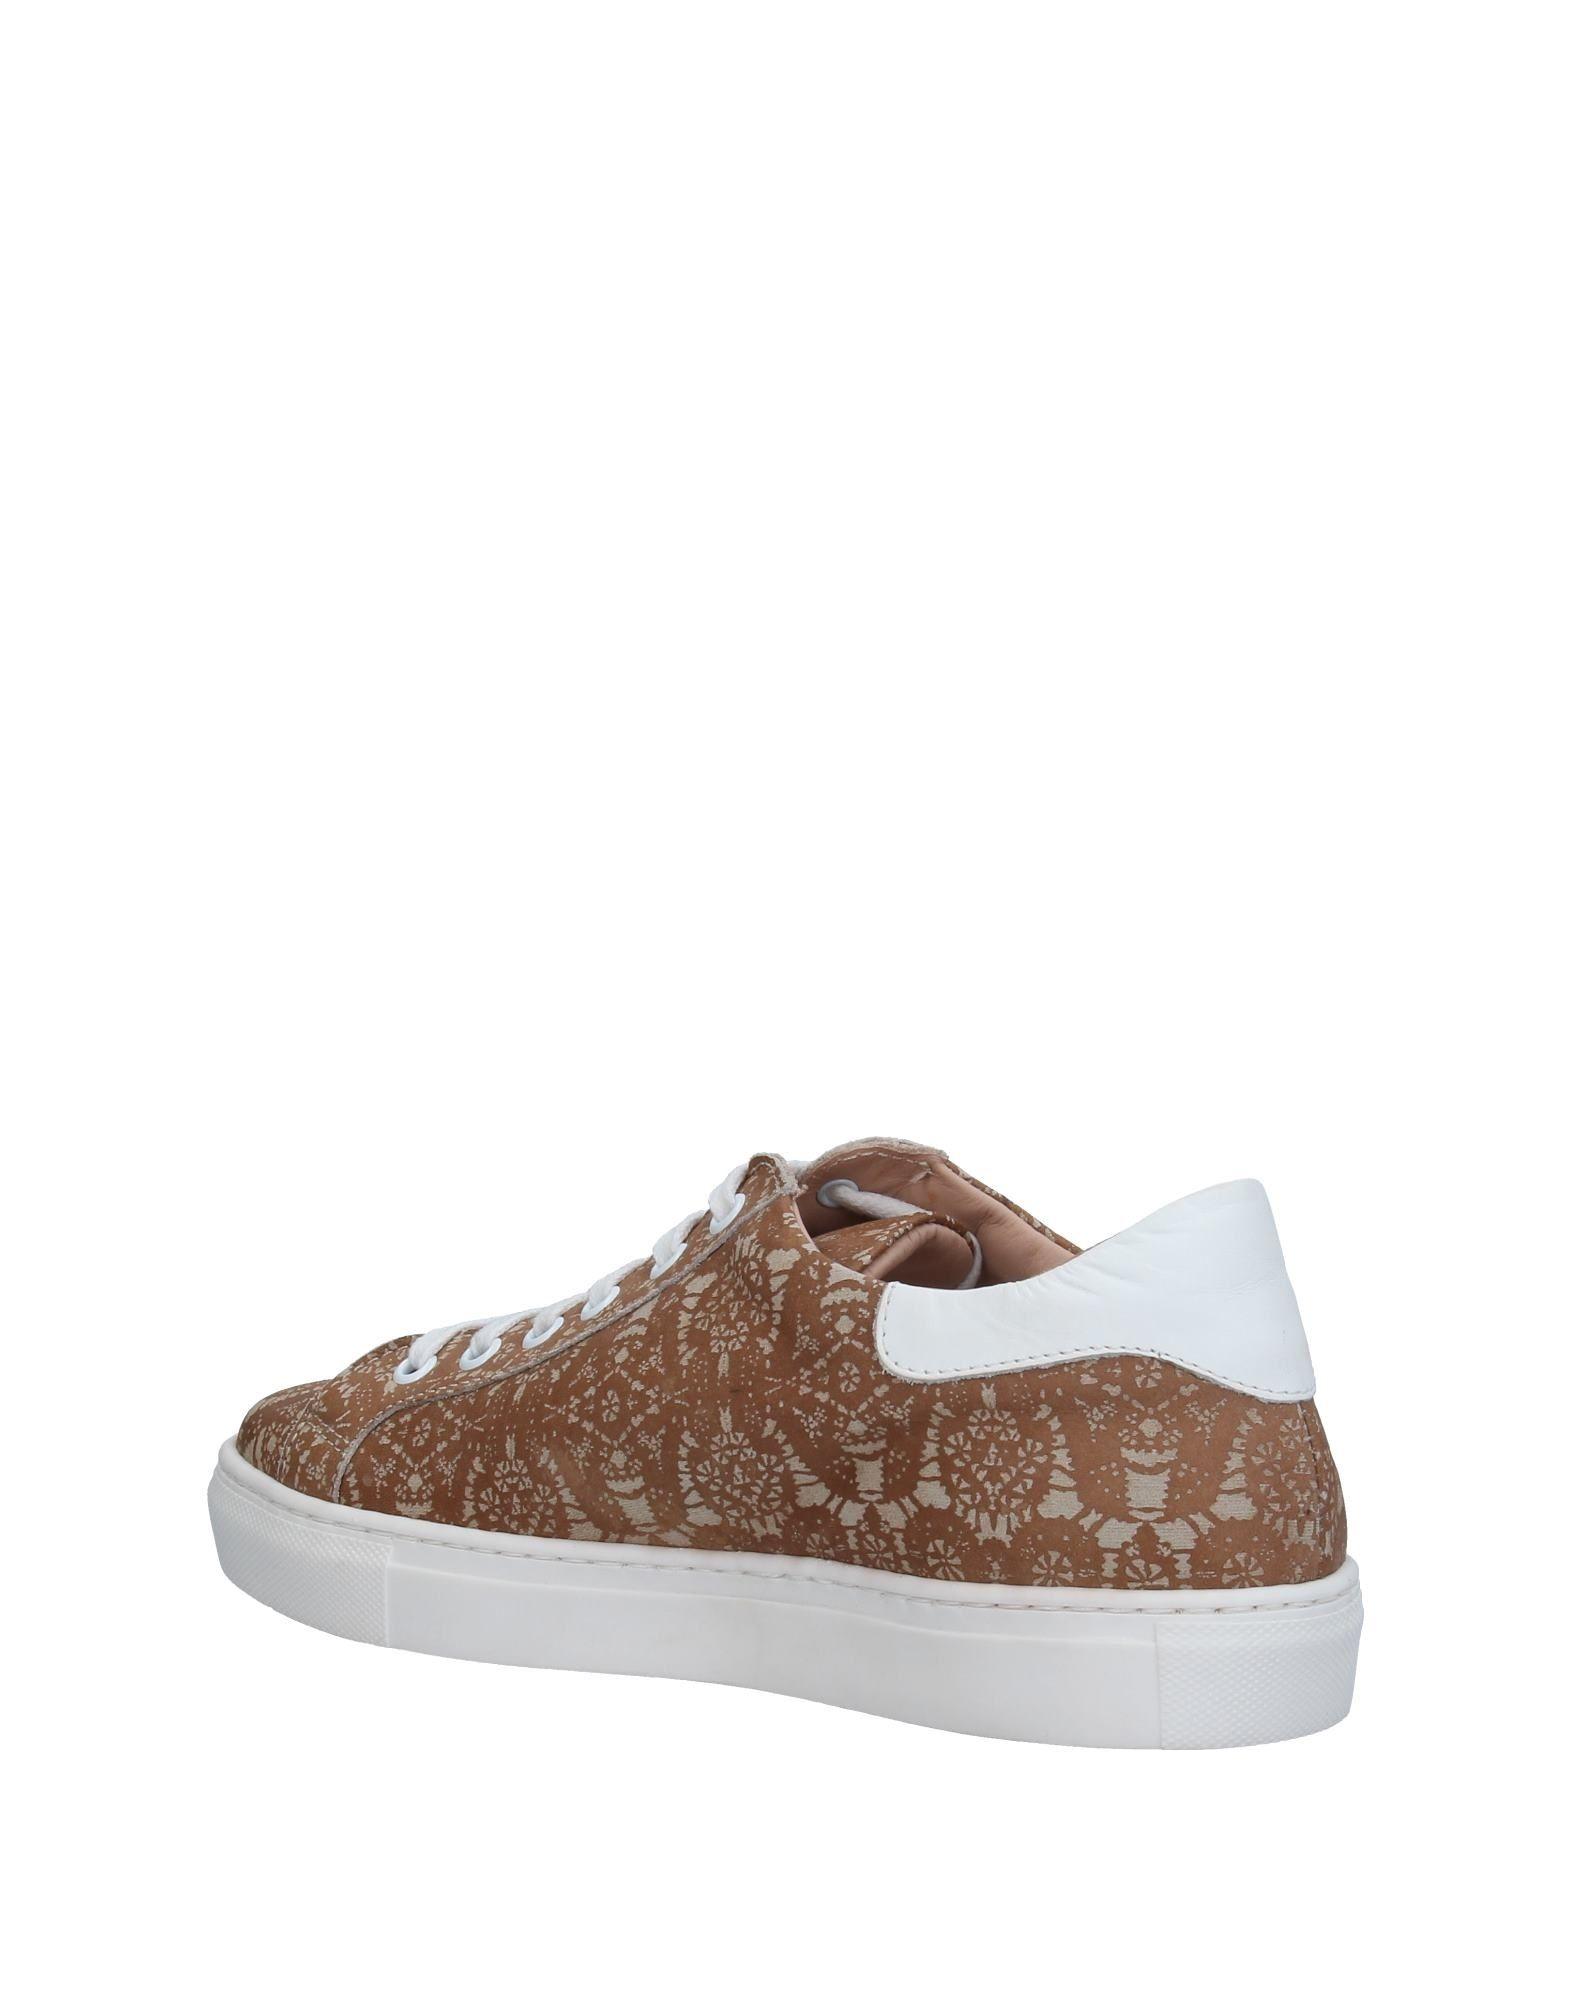 Tsd12 Gute Sneakers Damen  11337477SC Gute Tsd12 Qualität beliebte Schuhe 25930c